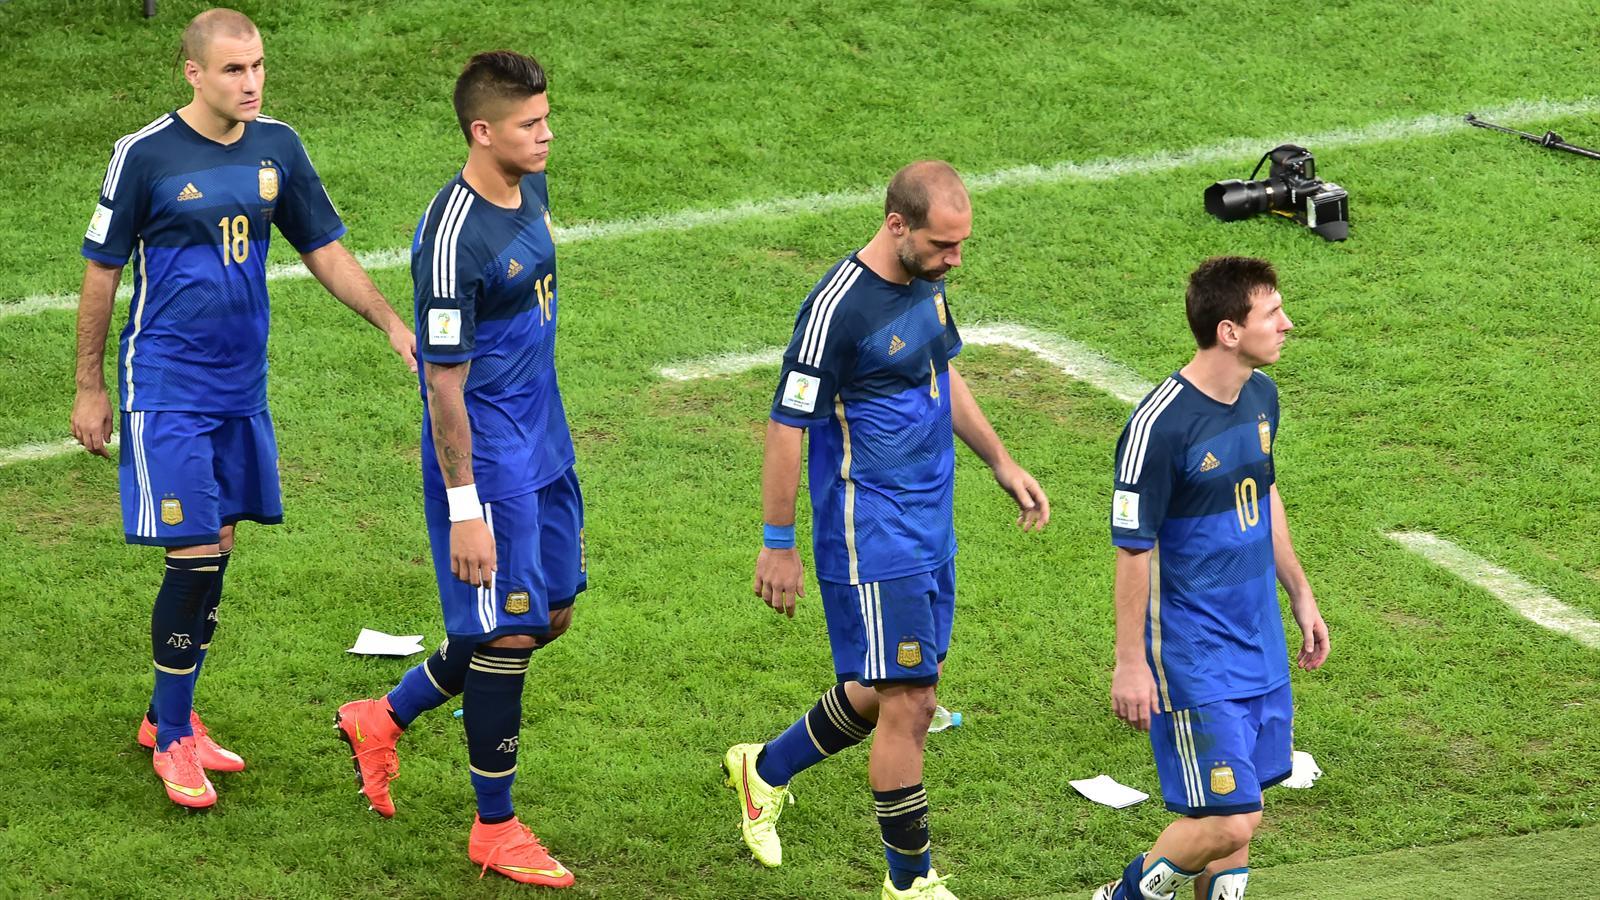 Lionel Messi, Pablo Zabaleta, Marcos Rojos et Rodrigo Palacio après la finale Allemagne - Argentine du Mondial 2014.